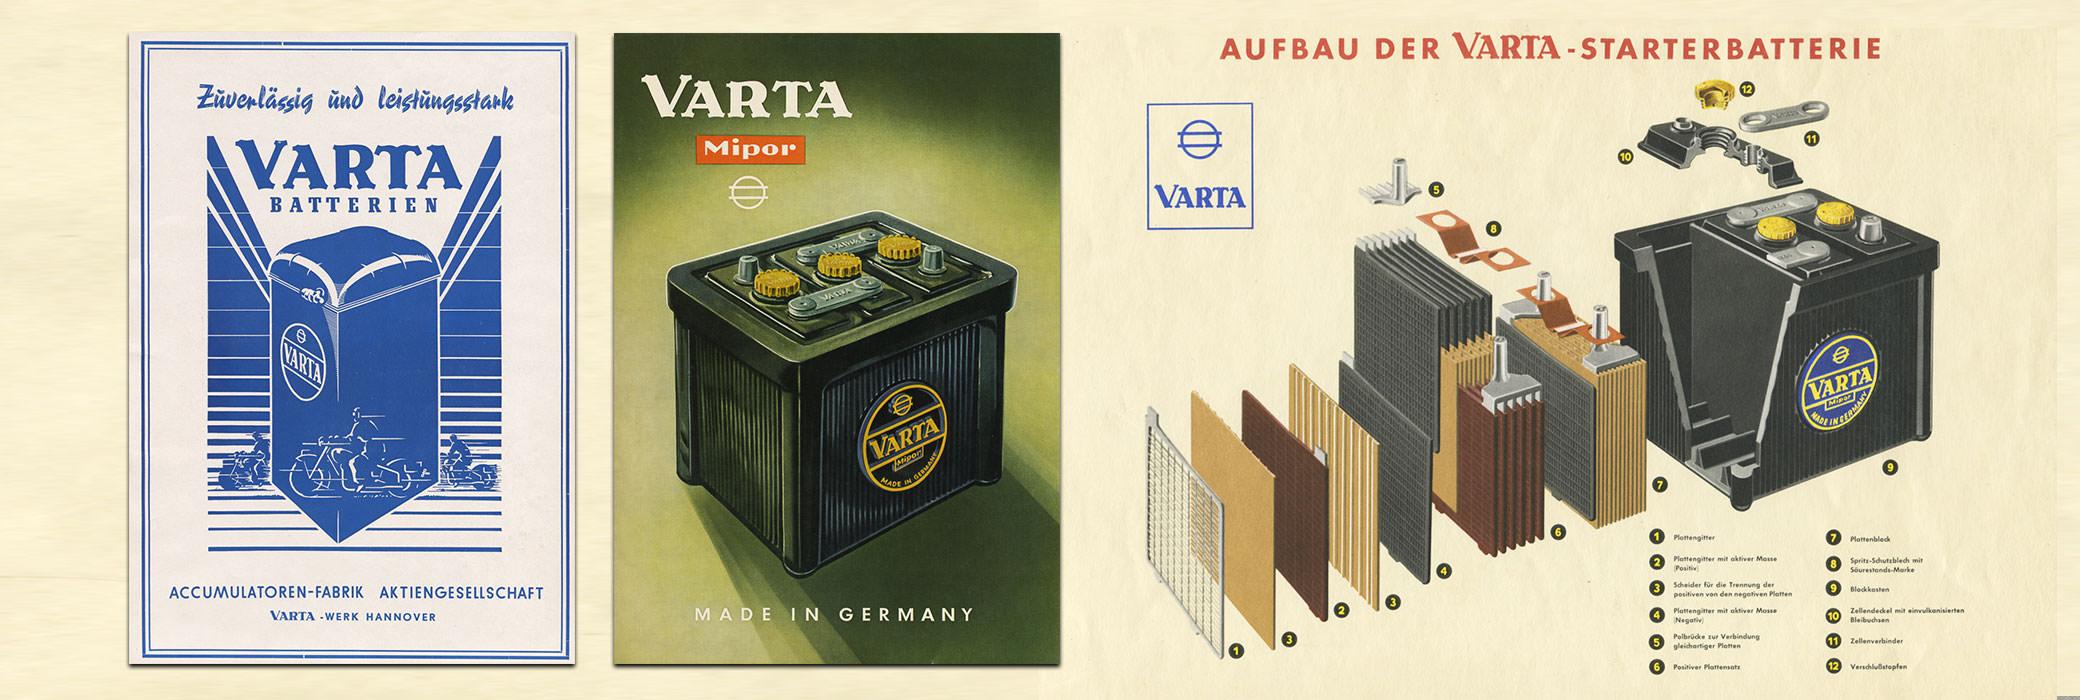 Zwei VARTA® Poster auf der linken Seite und der Ausschnitt einer Batterie auf der rechten Seite